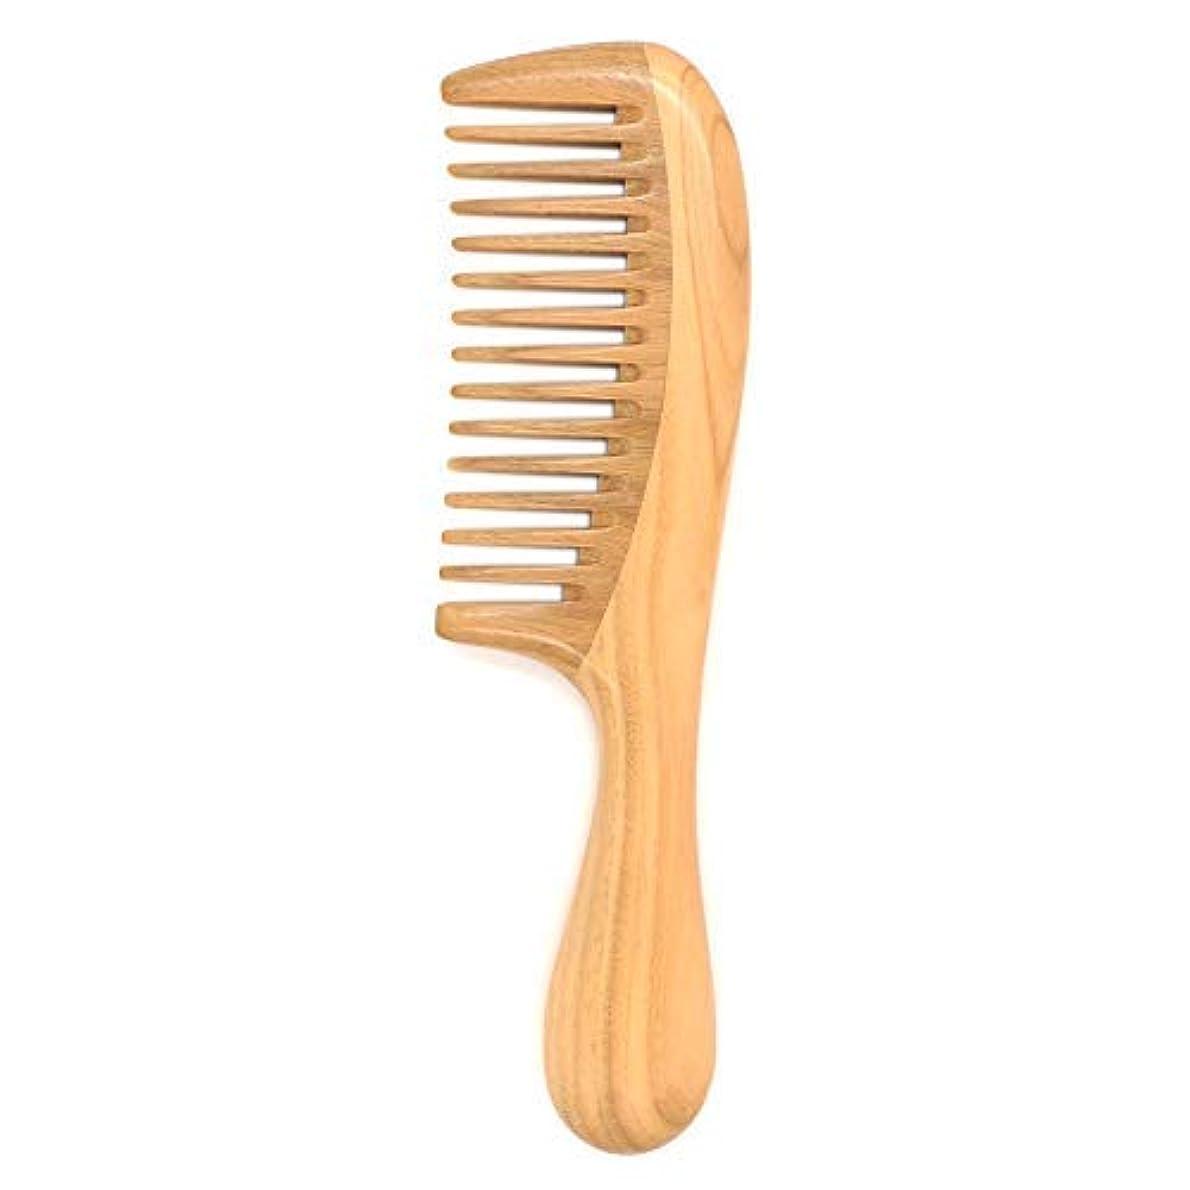 涙が出るオーガニック散るTinfun Natural Green Sandalwood Hair Comb Wooden Comb (Wide Tooth) for Curly Hair Detangling - No Static, Prevent...